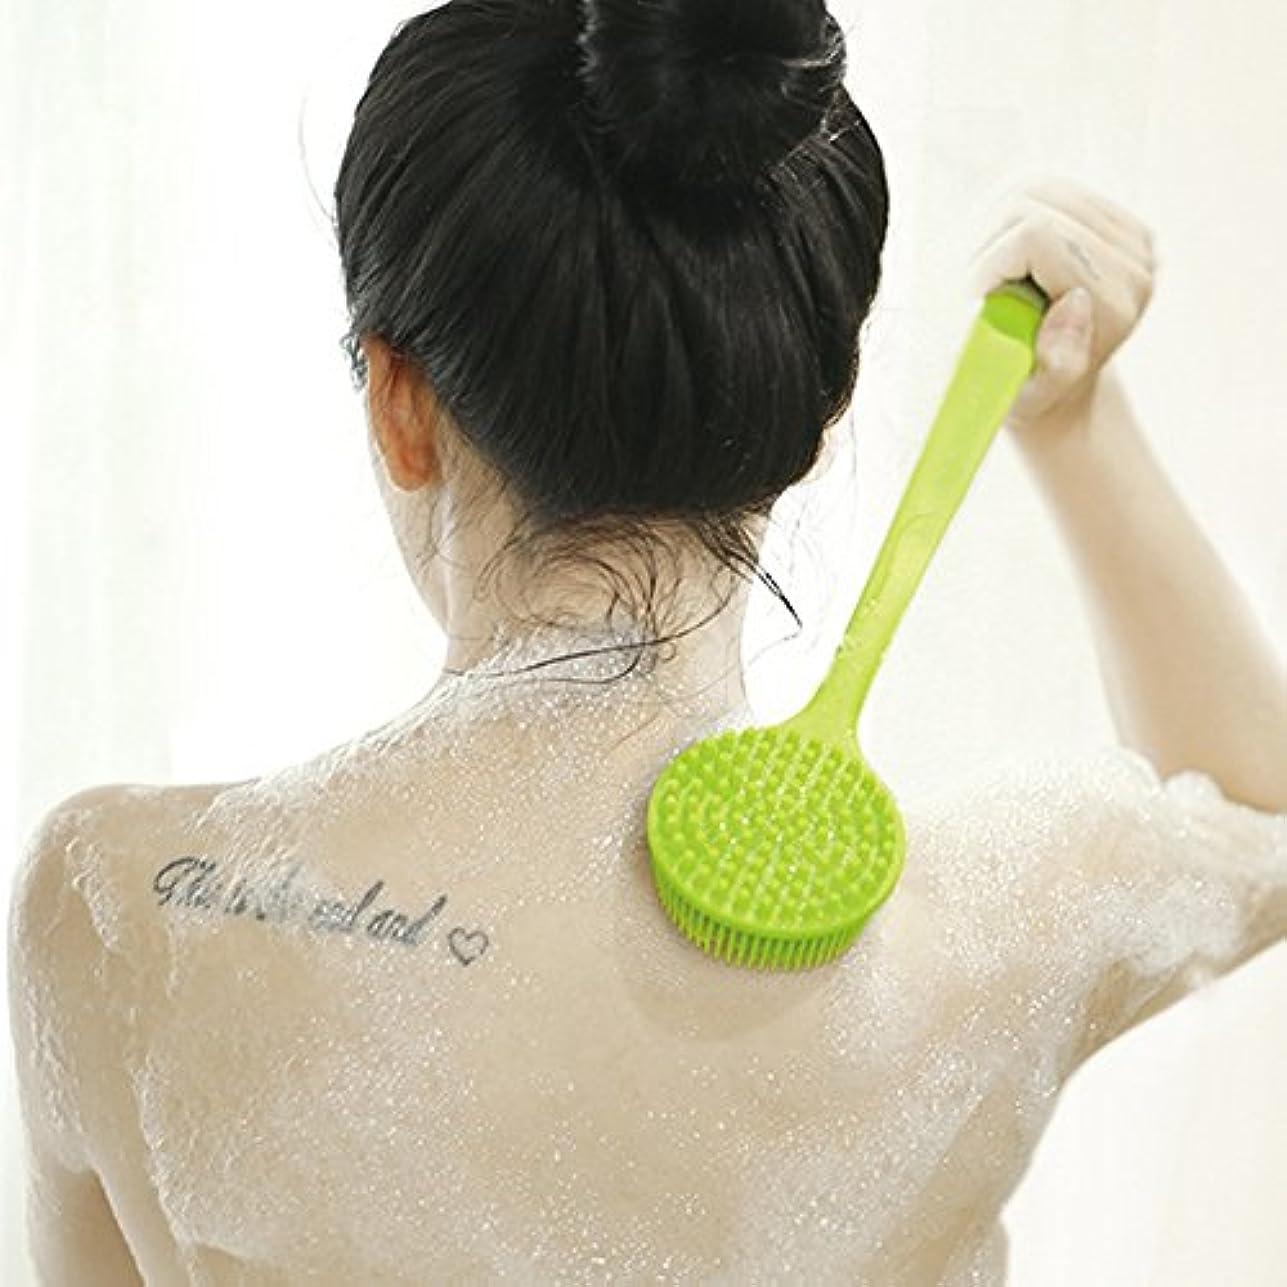 ボディブラシ シャワーブラシ お風呂用 シリコン製 体洗い マッサージブラシ 毛穴洗浄 角質除去 多機能 柔らかい